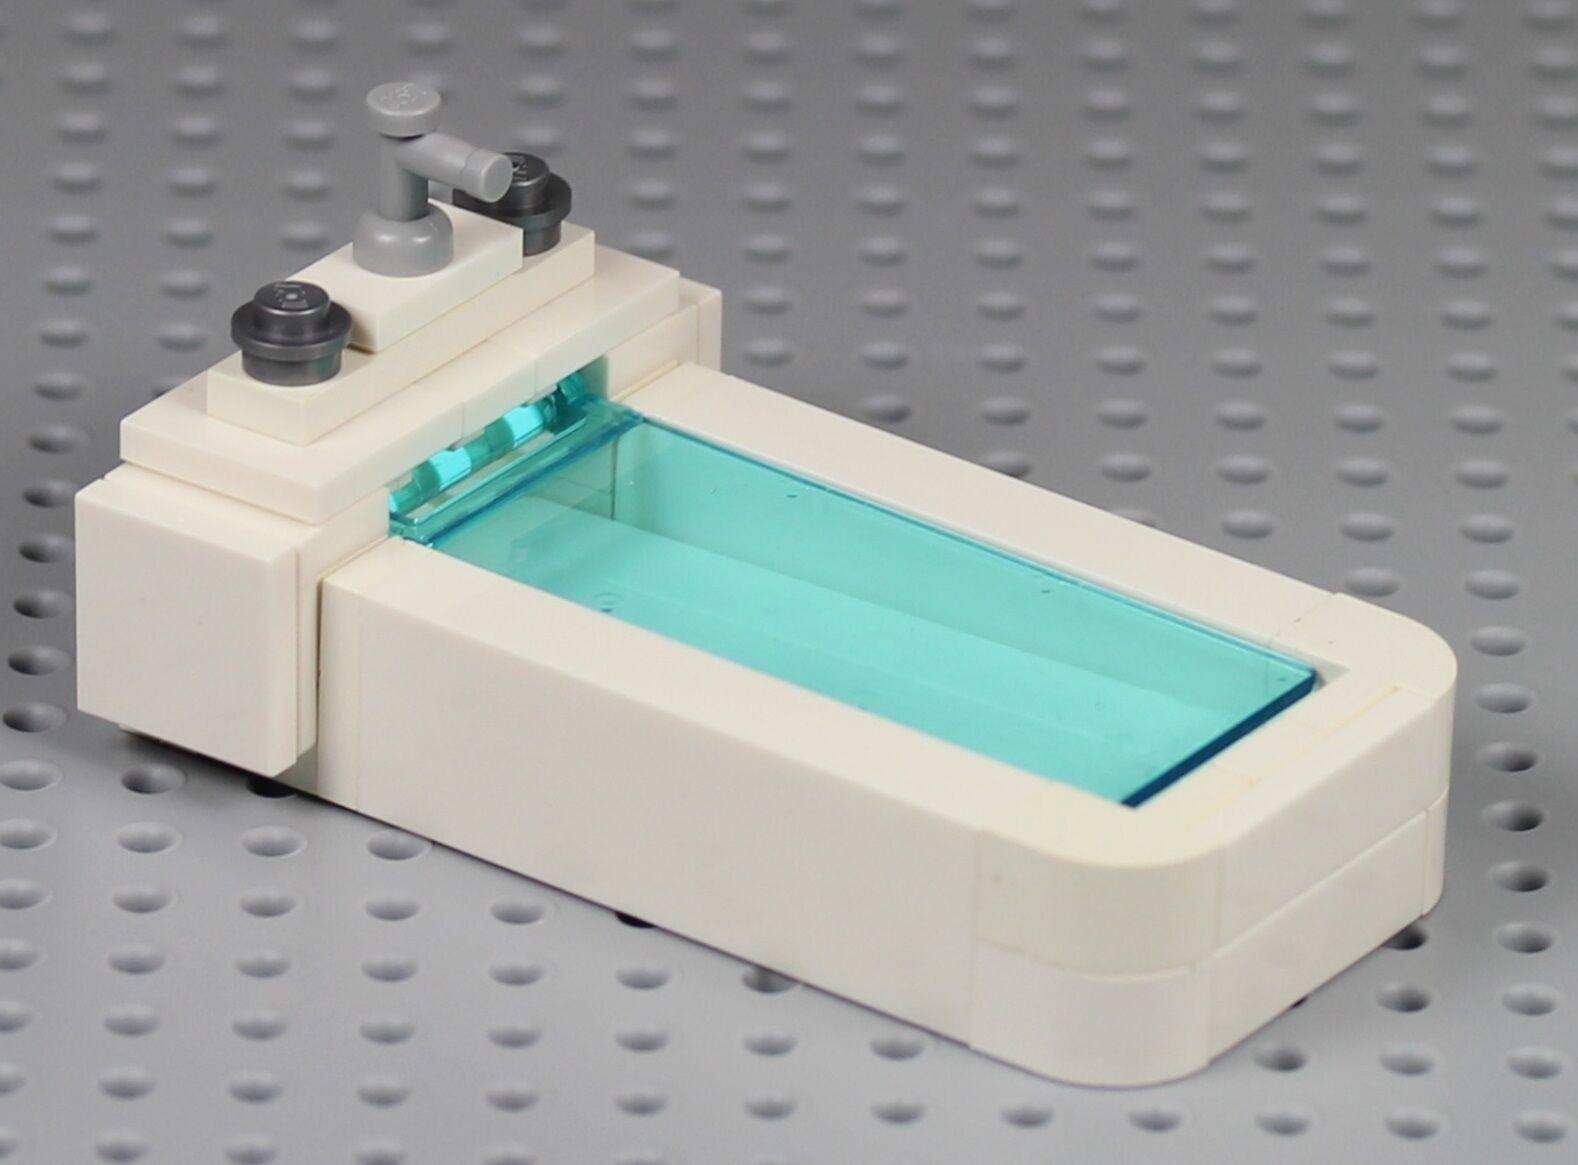 LEGO - BATHTUB w/ Shampoo Soap Bottle Spa Bathroom Furniture ...